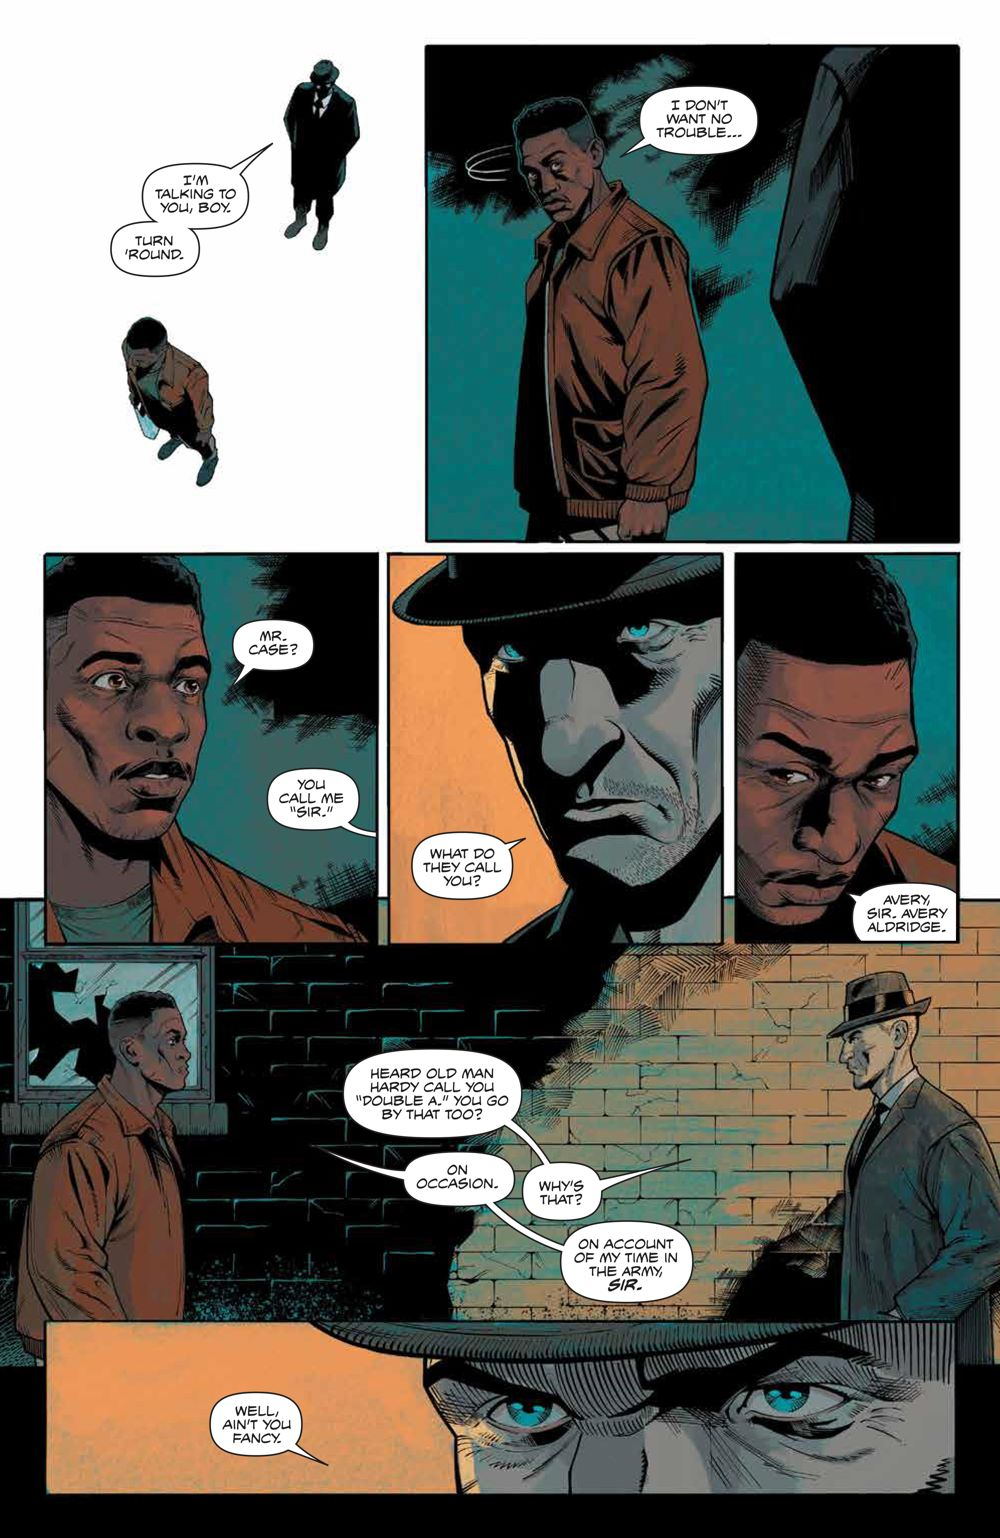 DarkBlood_001_PRESS_8 ComicList Previews: DARK BLOOD #1 (OF 6)